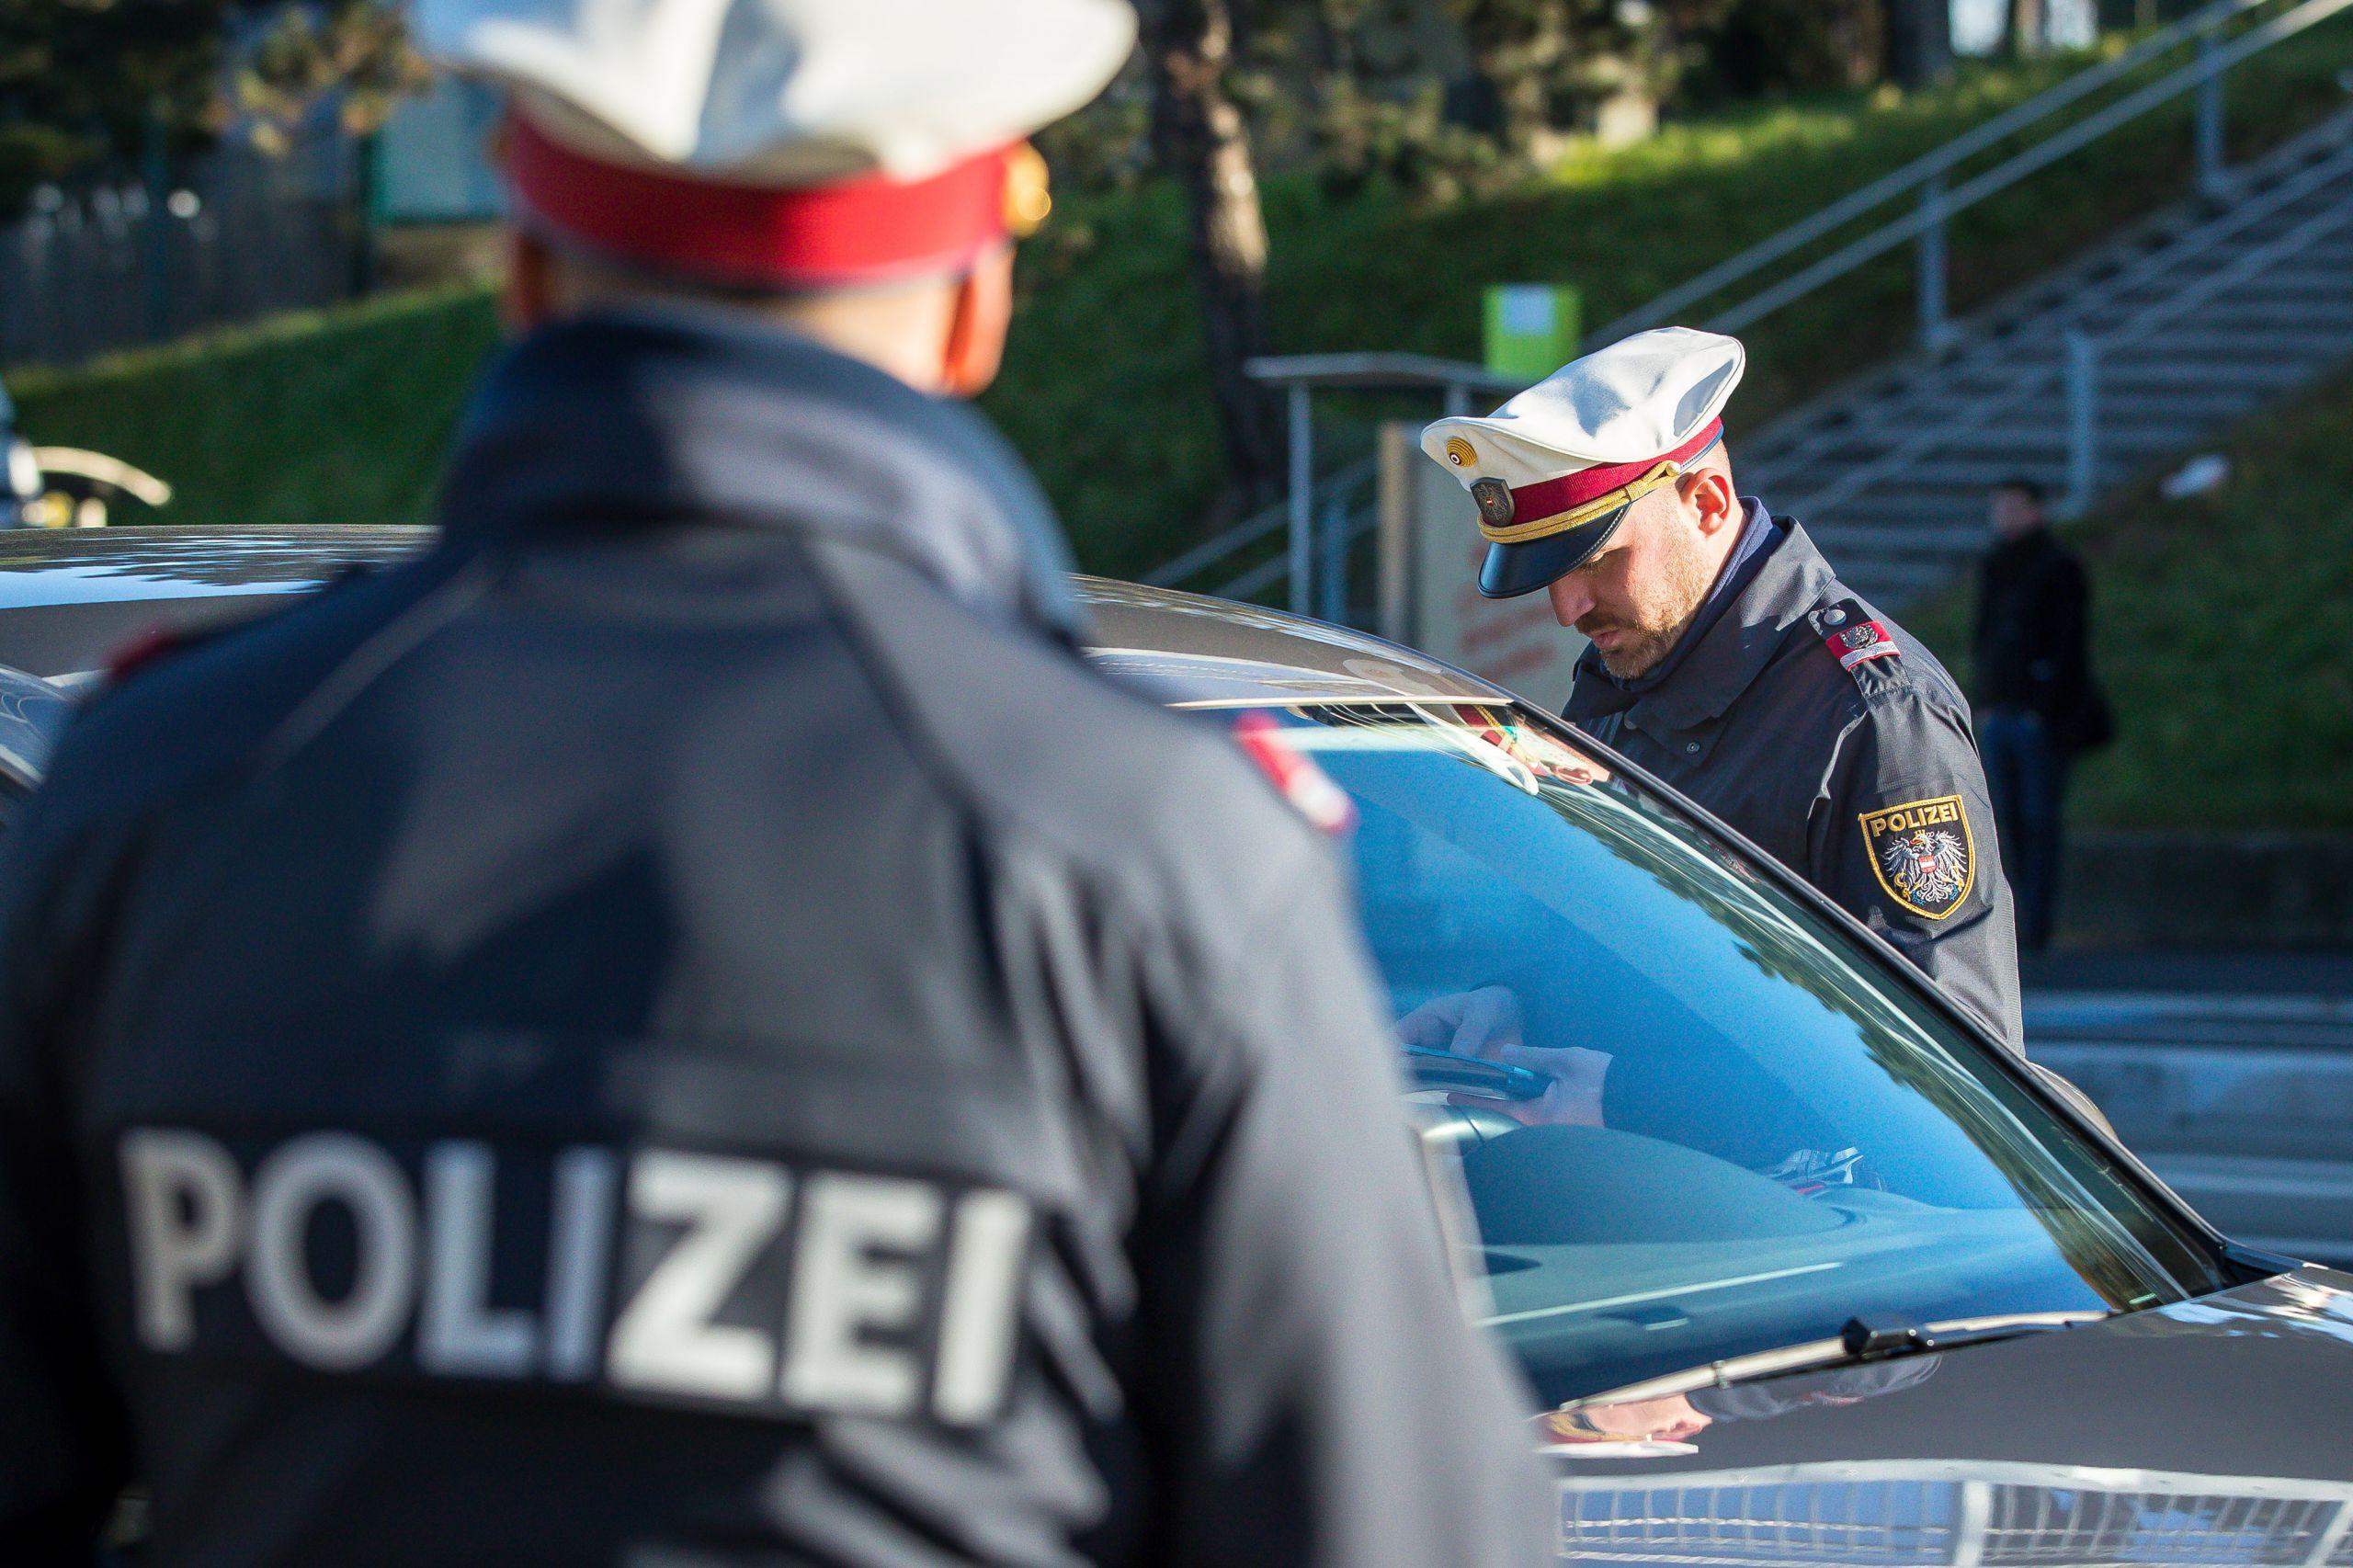 Polizist bei Kontrolle, schwarzes Auto